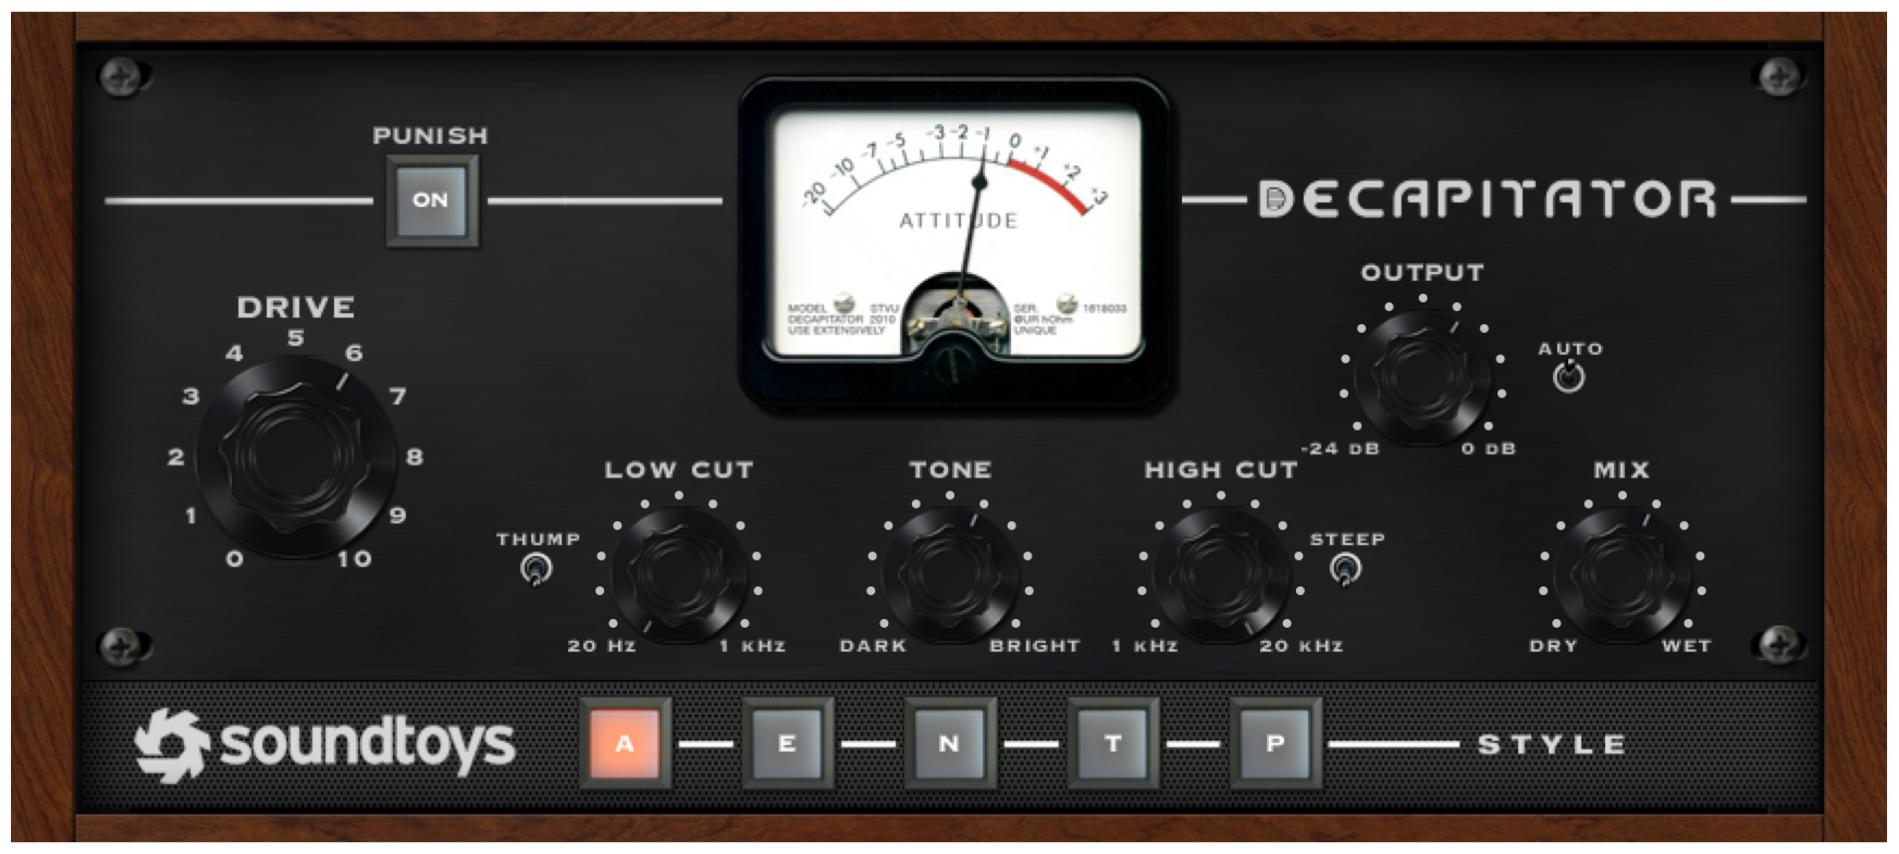 Figure 17.4. Soundtoys Decapitator plug-in